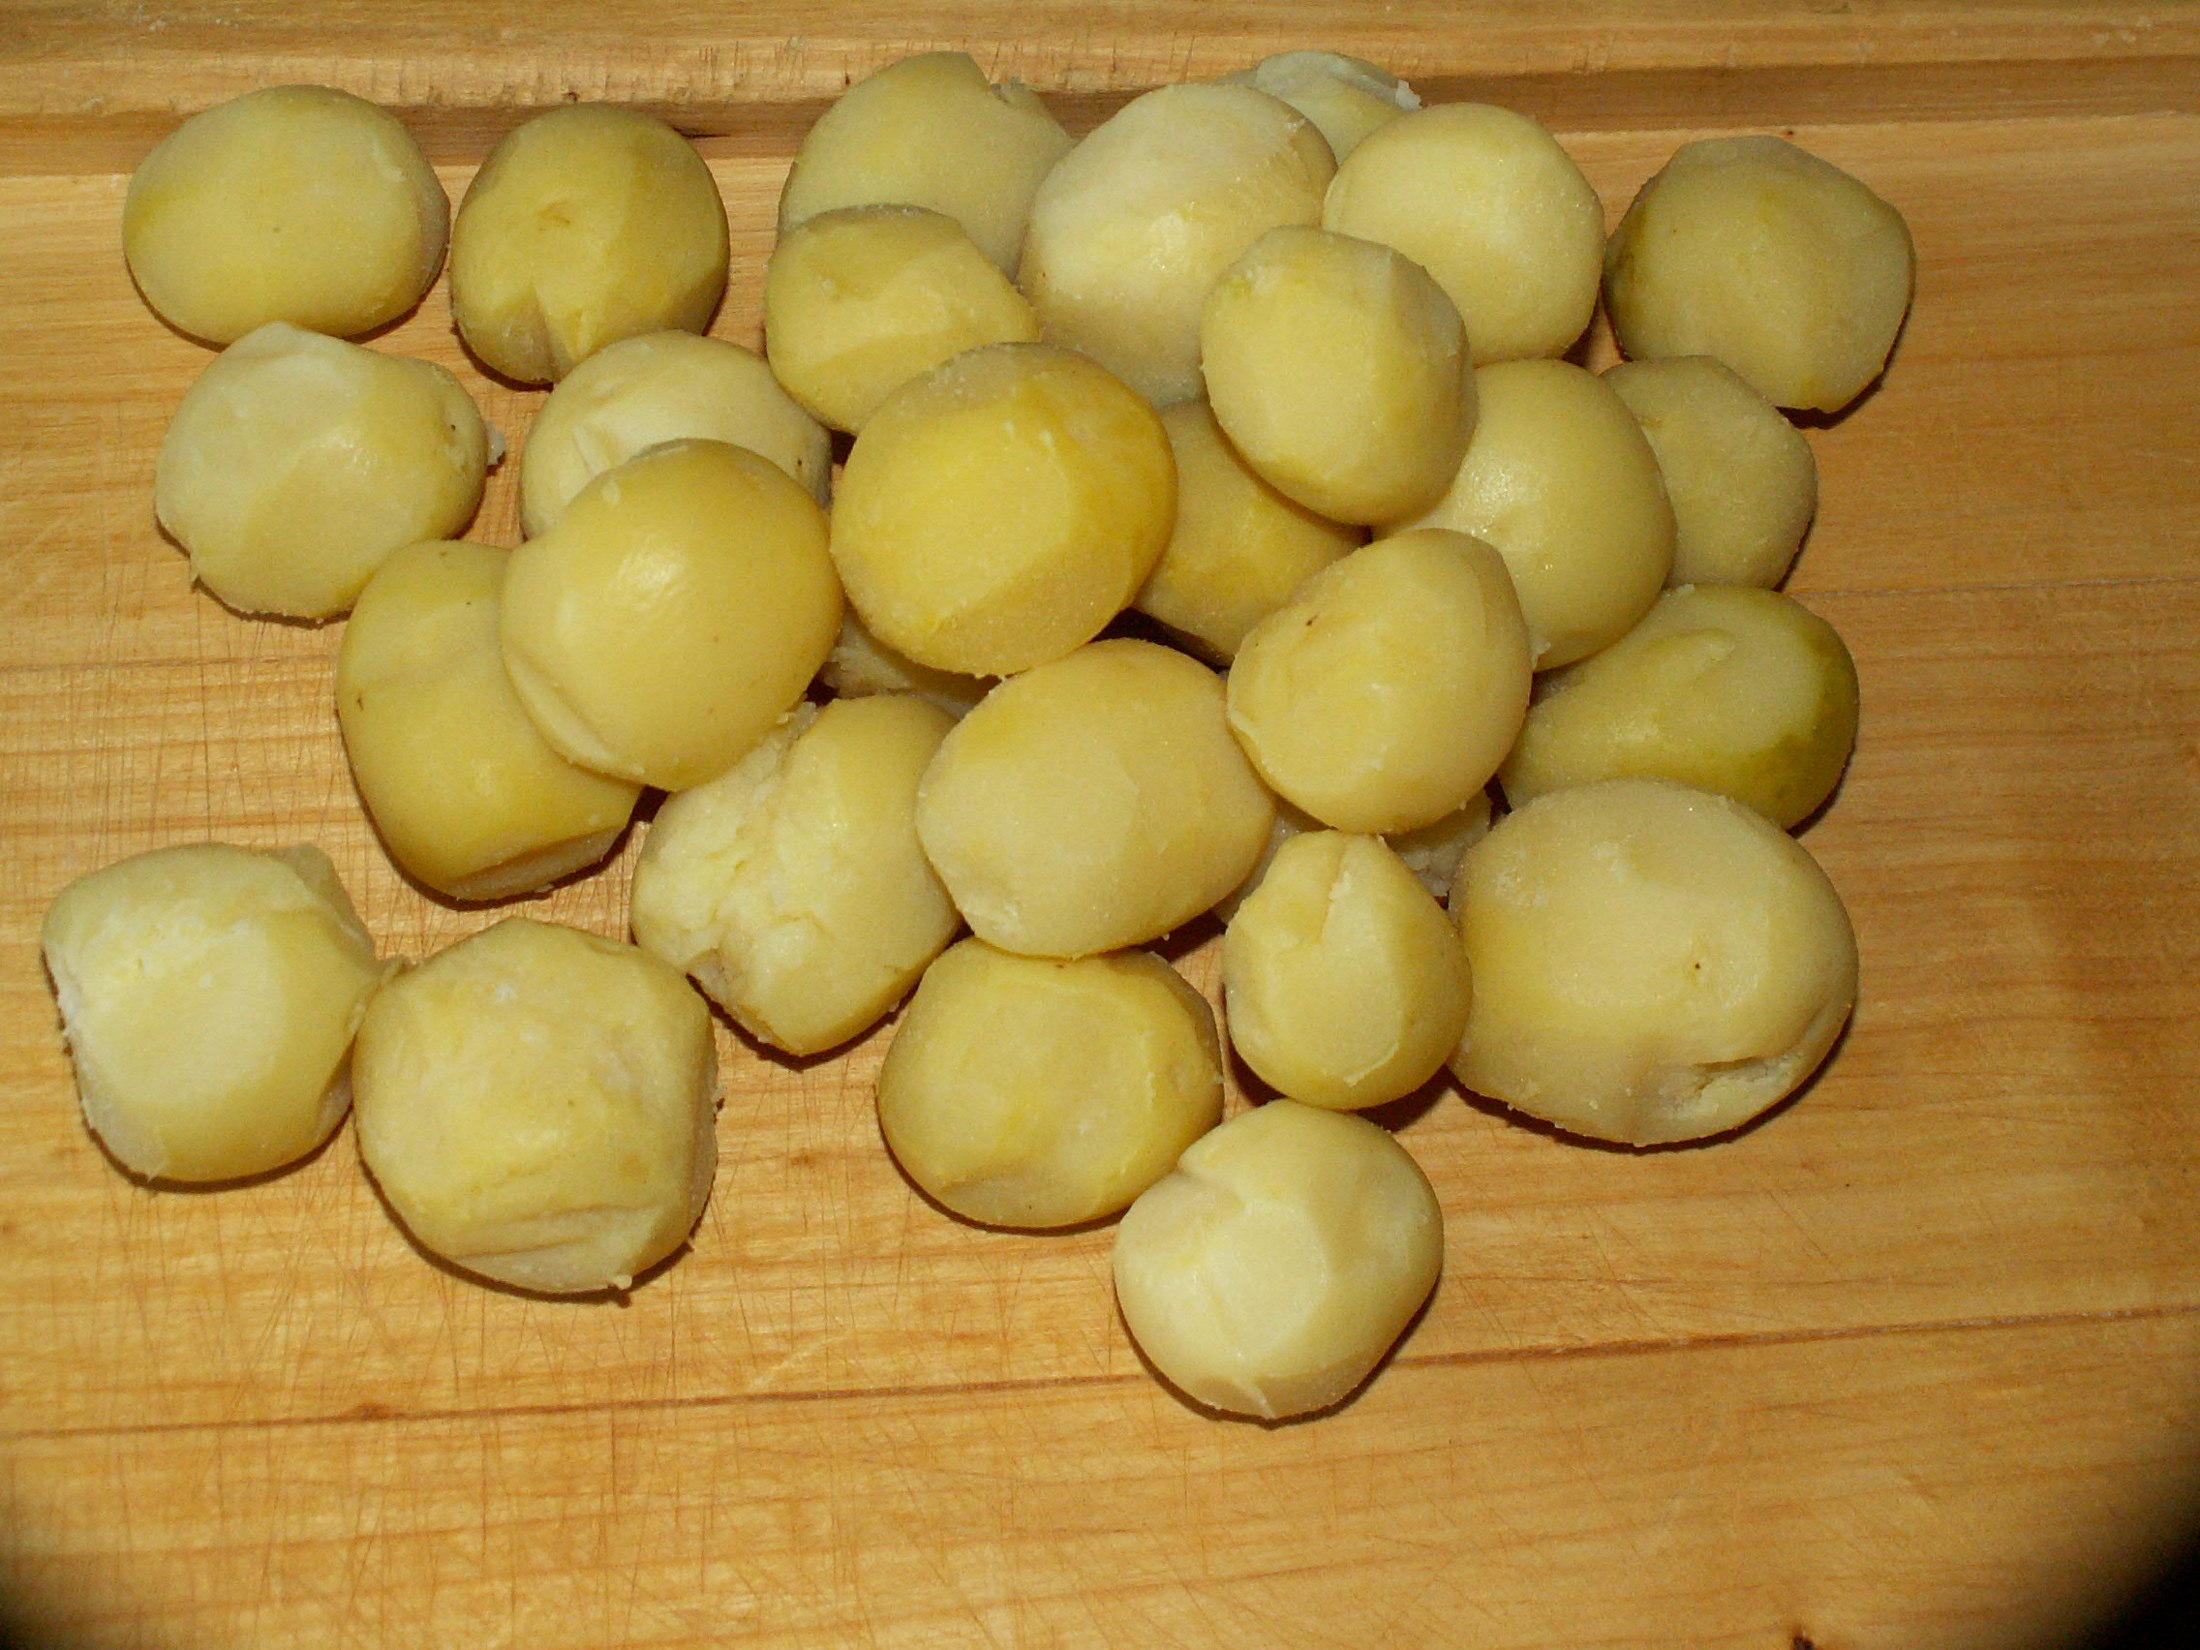 Recept Klasické bramborové knedlíky - Uvařené brambory jsem musel nechal vychladit. Teplé jak píše kuchařka nejdou vůbec strouhat.